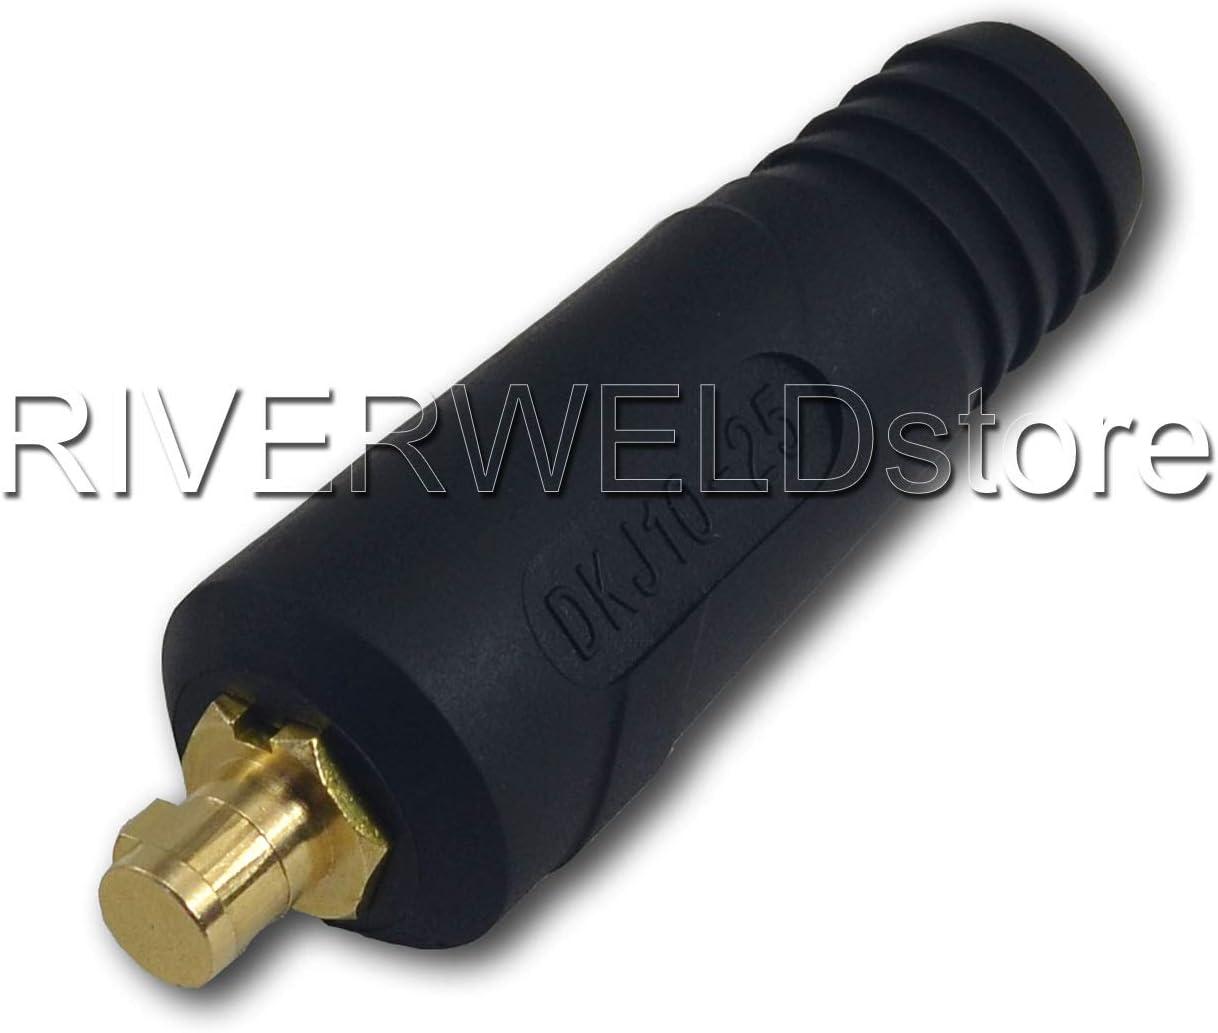 TIG DKJ10-25 DKZ10-25 /& DKZ10-25 Lot de 4 connecteurs de c/âble de soudage /à montage rapide Style dinse Noir